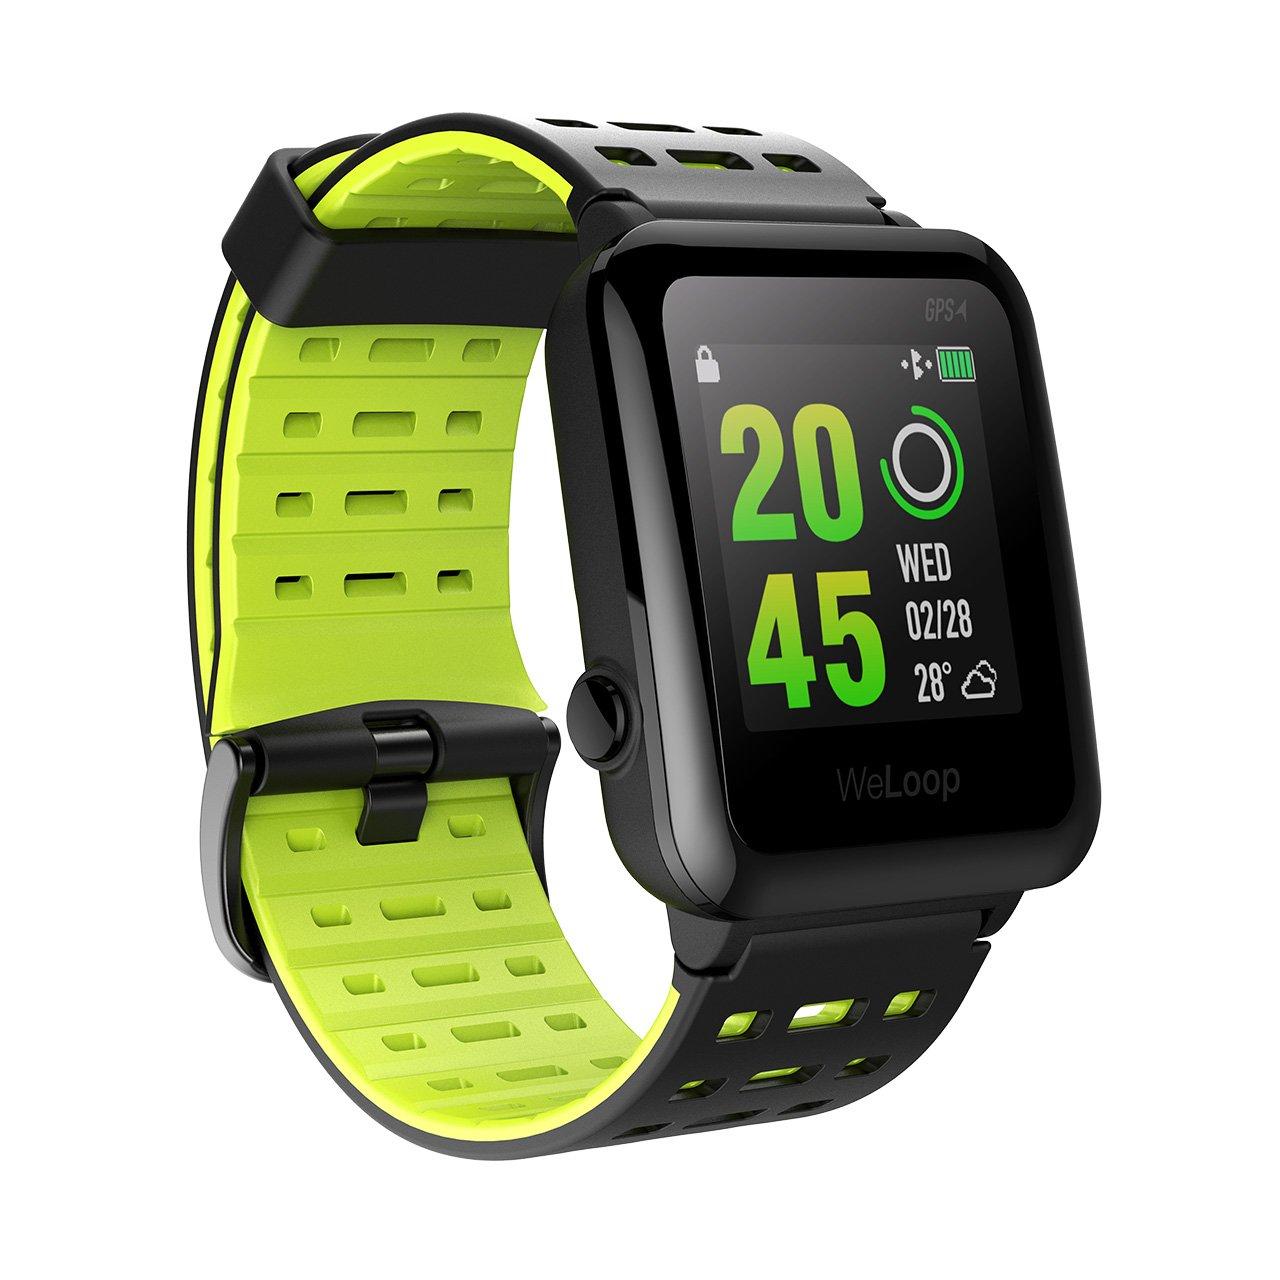 VICTSING Relojes GPS Deportivo Física con Ritmo Cardíaco Unisex, WeLoop Relojes Inteligentes Impermeable para Natación con Funciones como Pulsera de Actividad